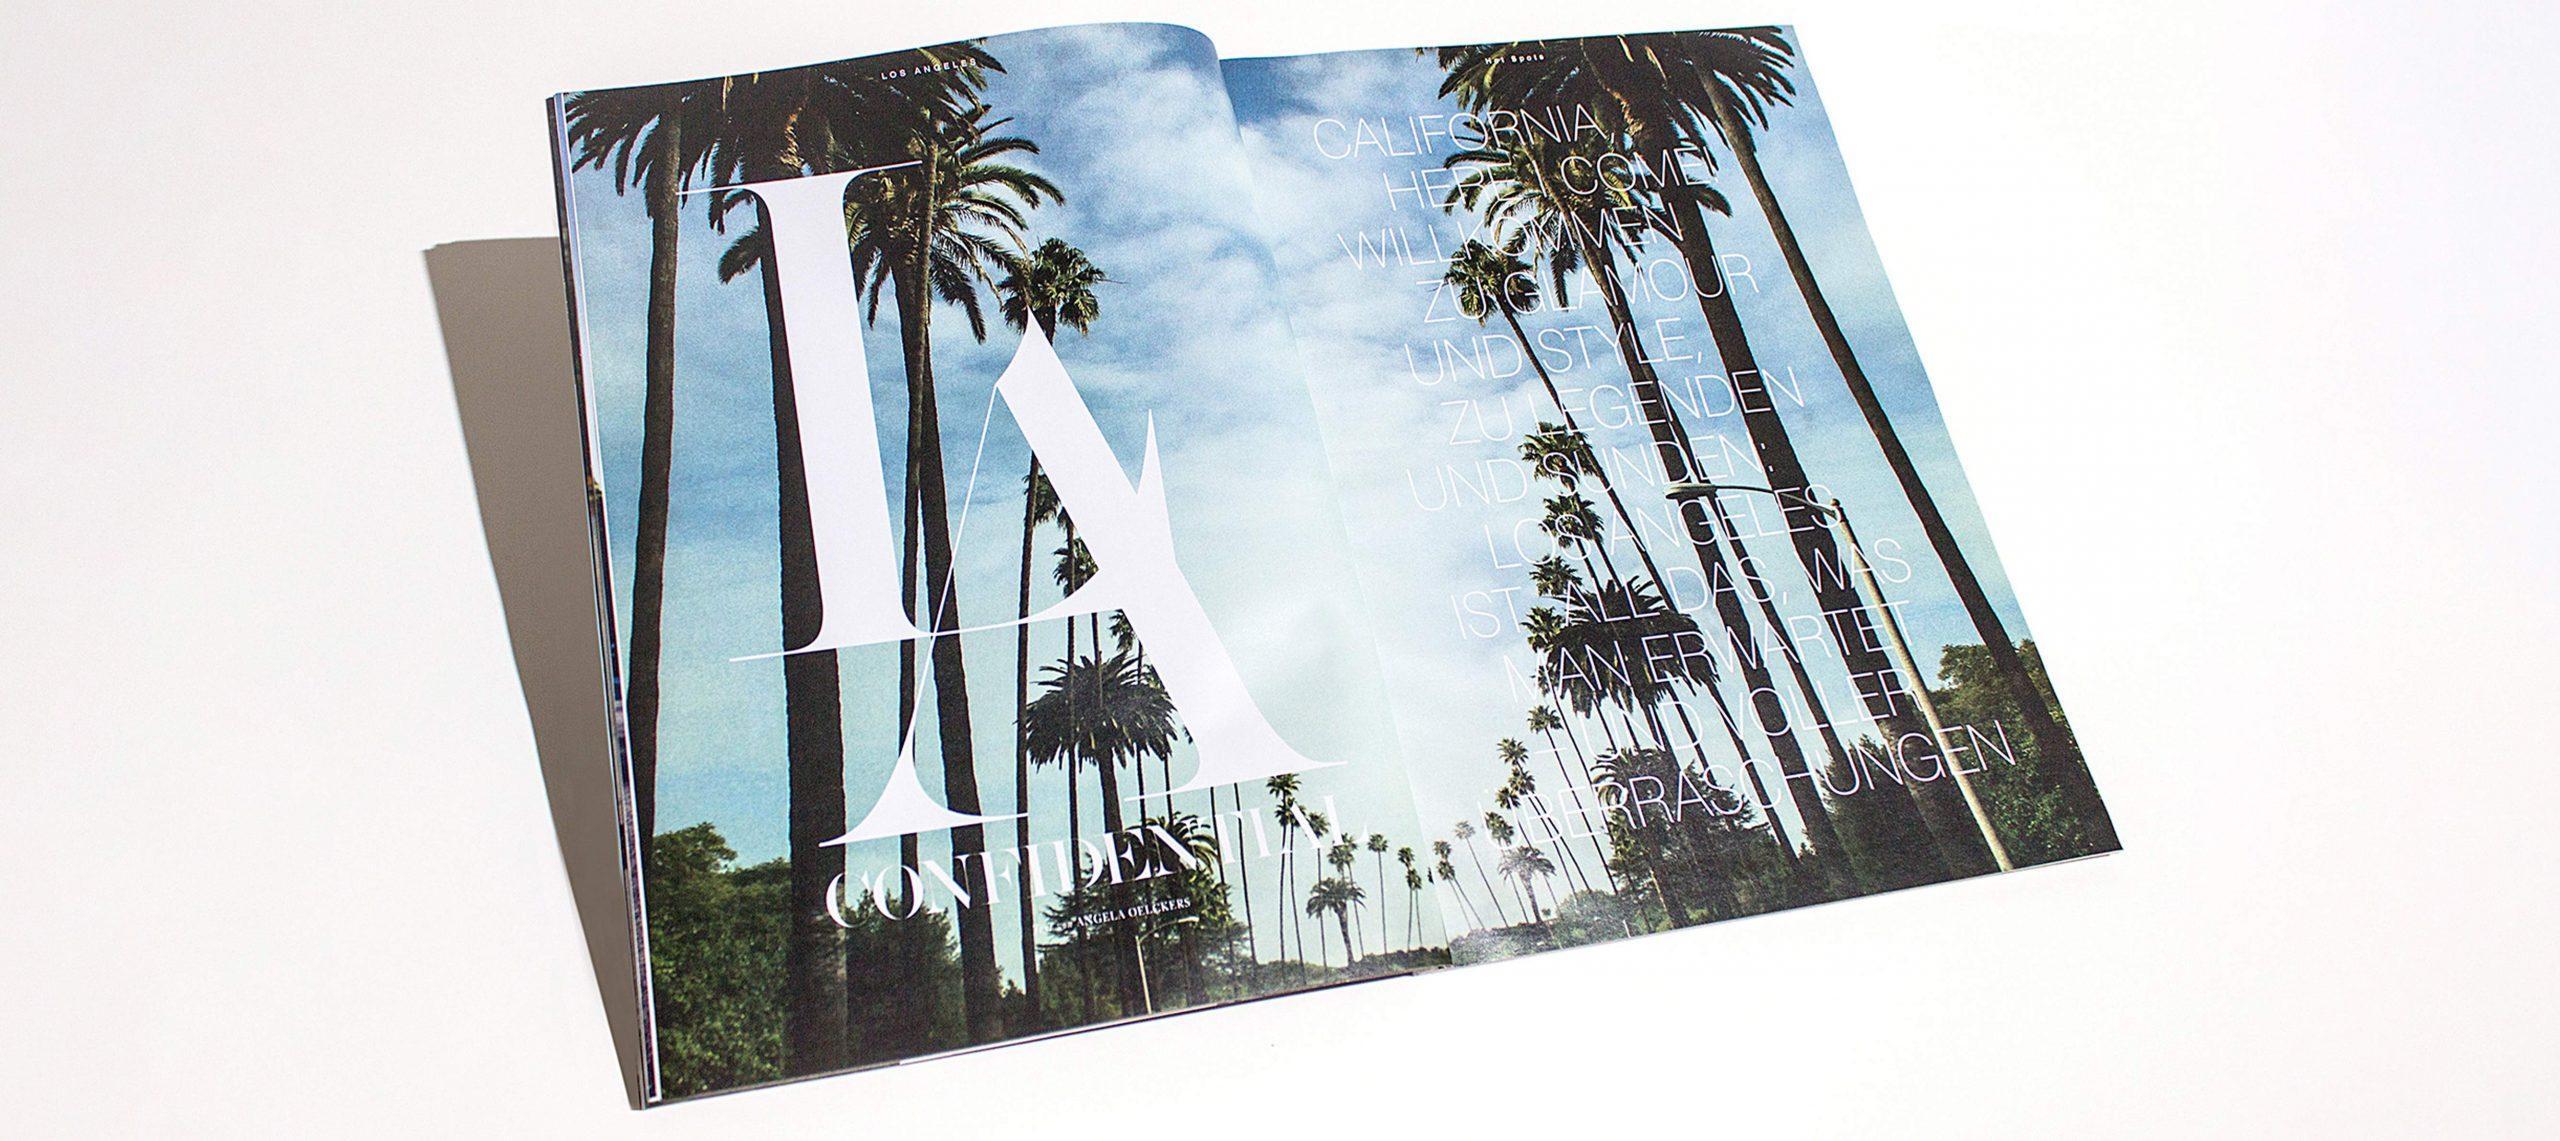 Studio Last - U Magazine #1 – Magazine